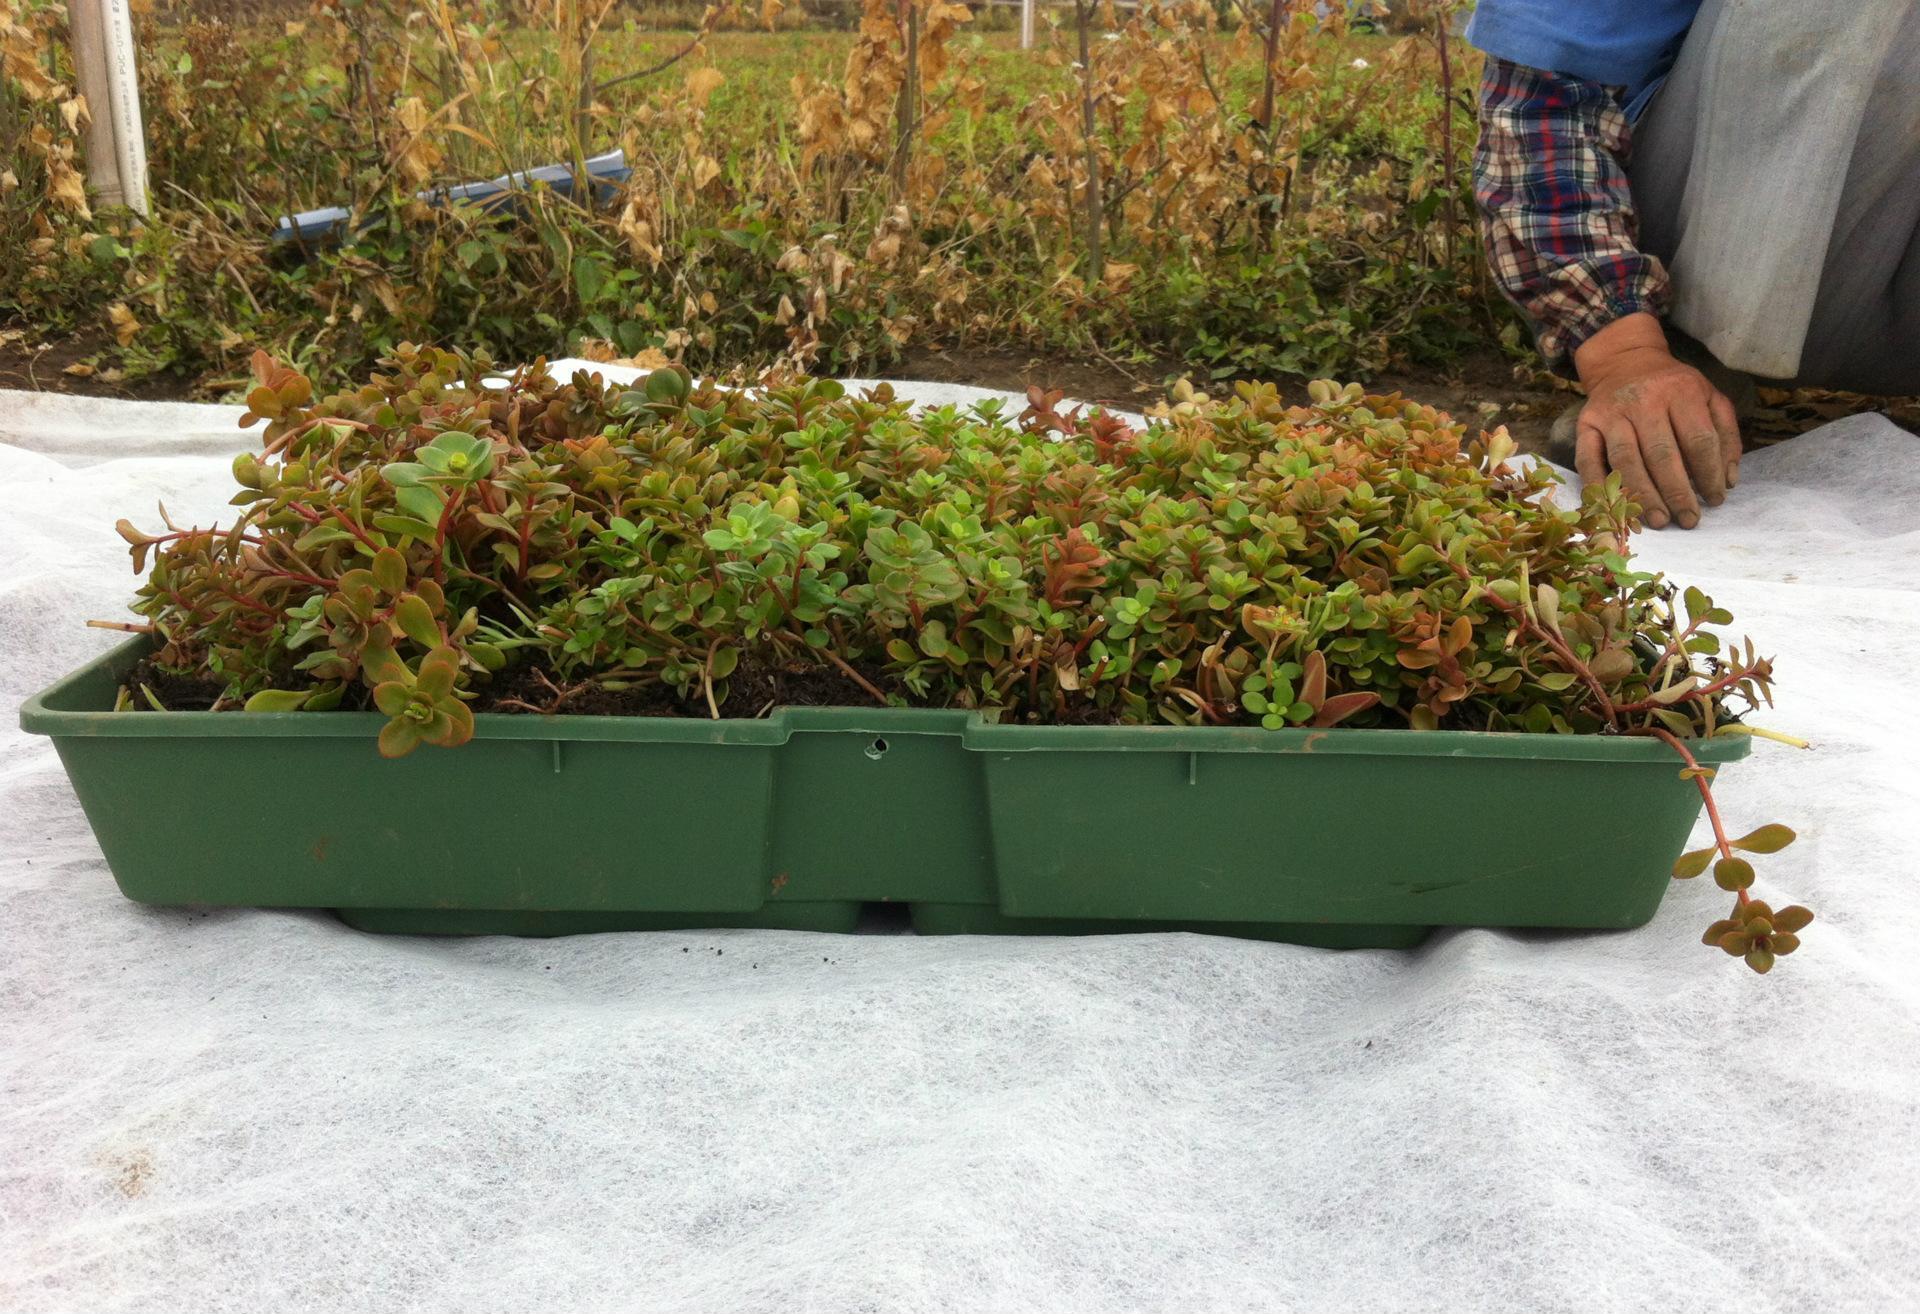 凹叶景天容器屋顶绿化专用可移动可拆卸图片